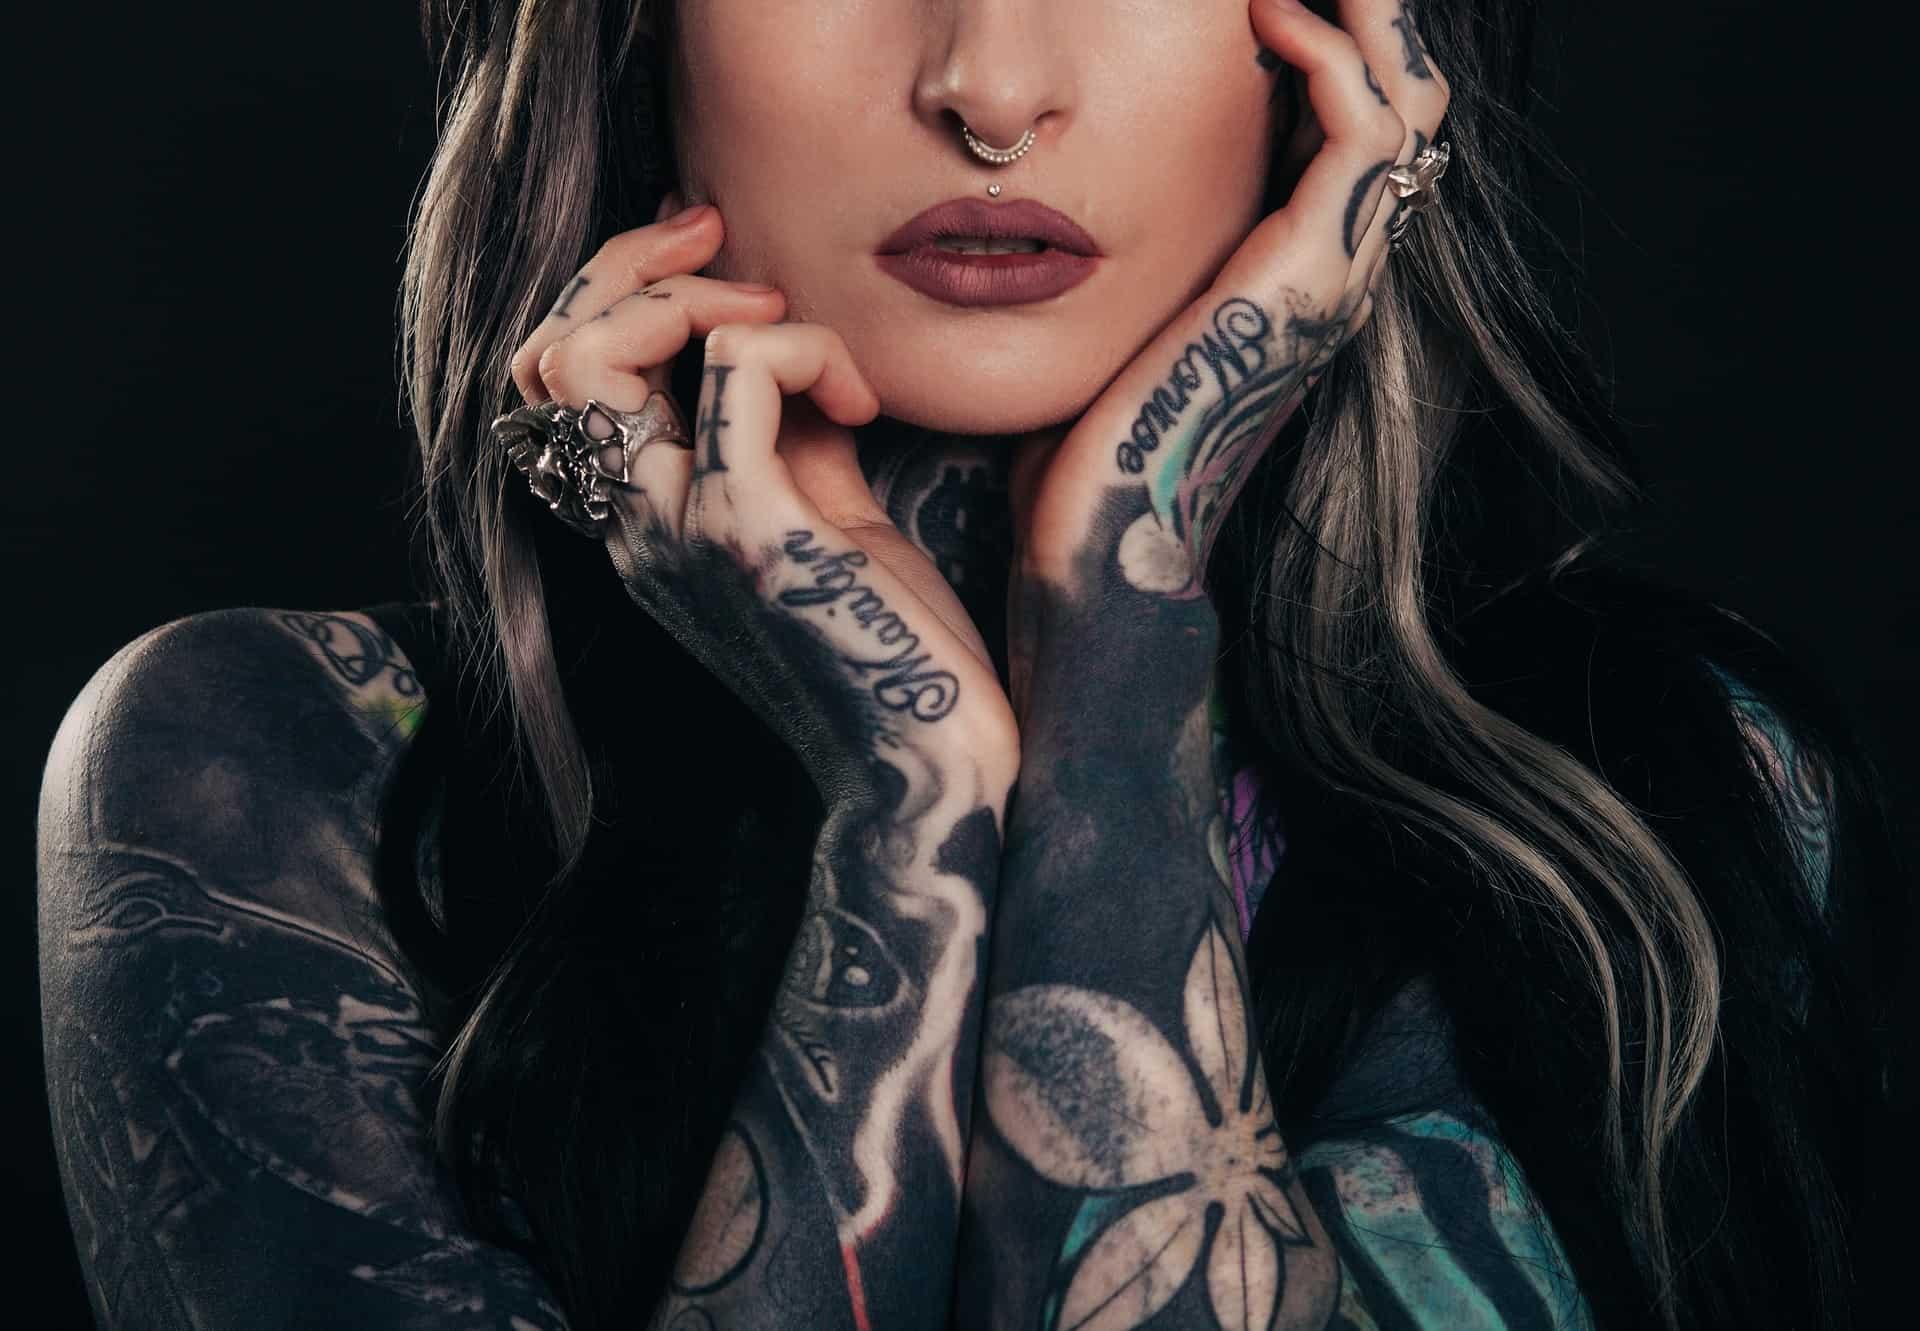 Tattoo, pericolosi per la salute: le ultime notizie